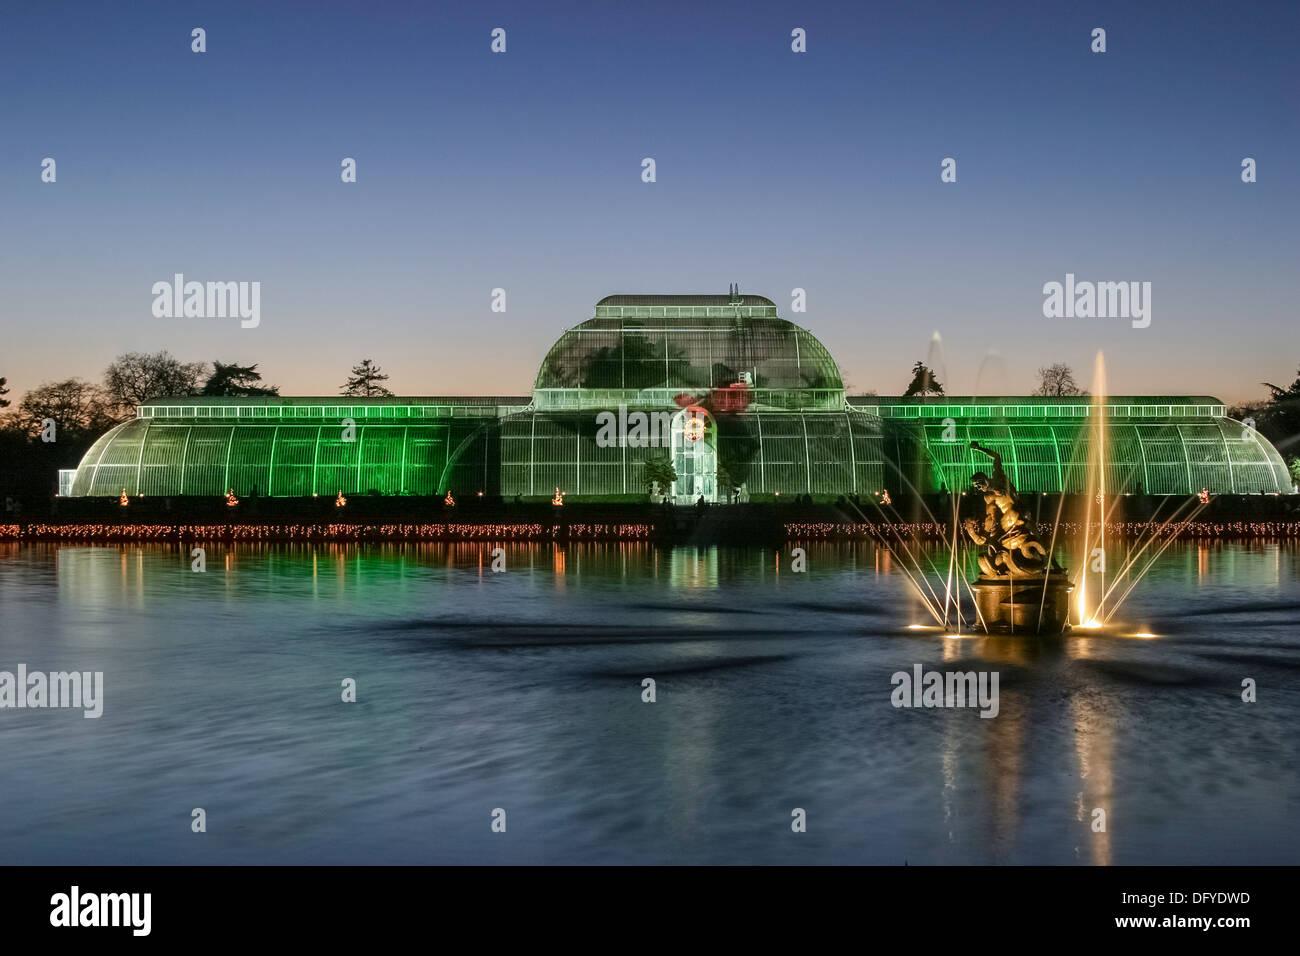 christmas-lights-display-palm-house-and-